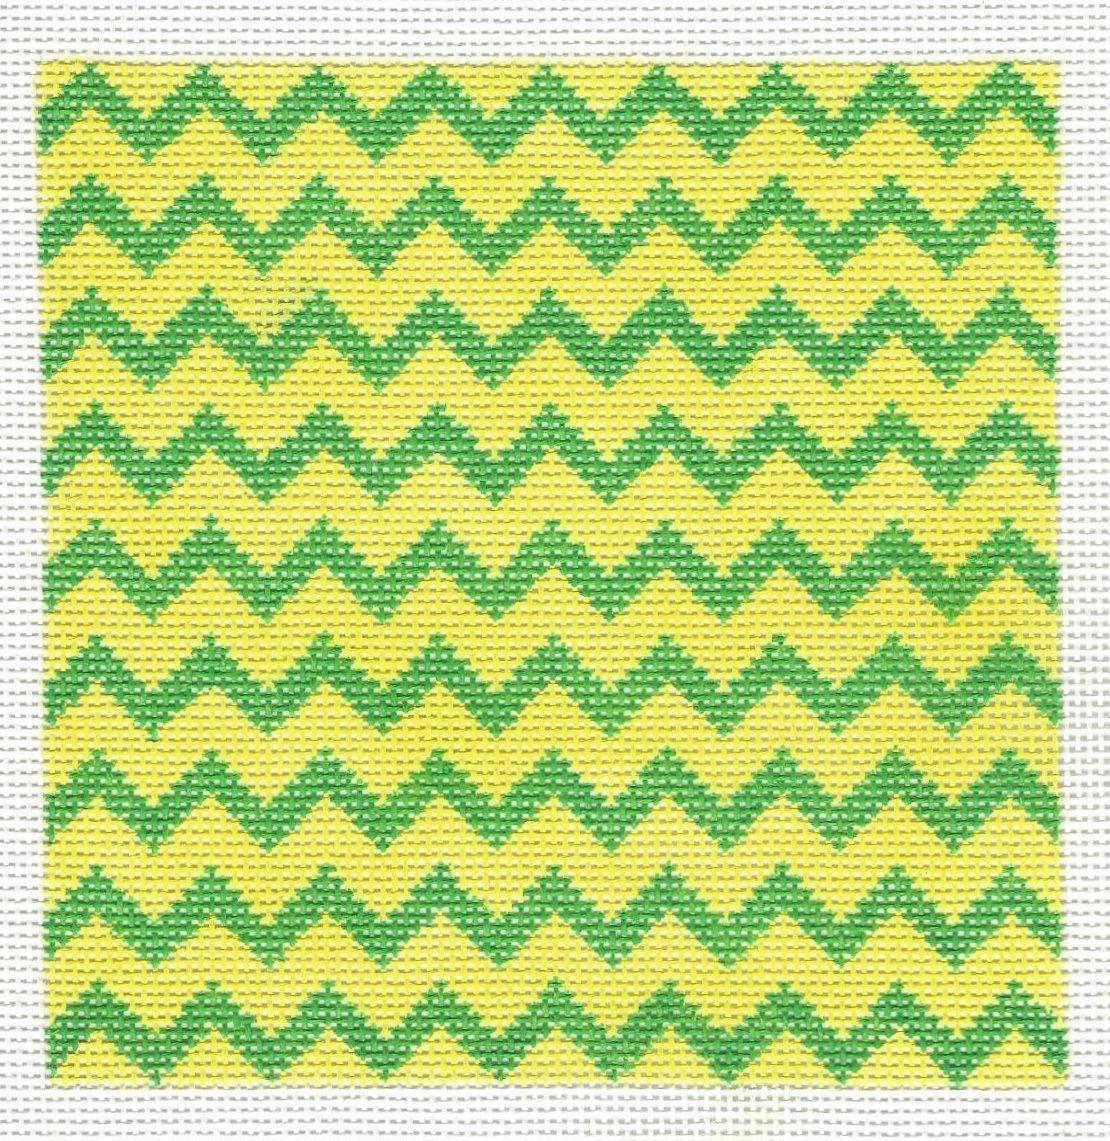 Zig Zag Insert - Green & Yellow